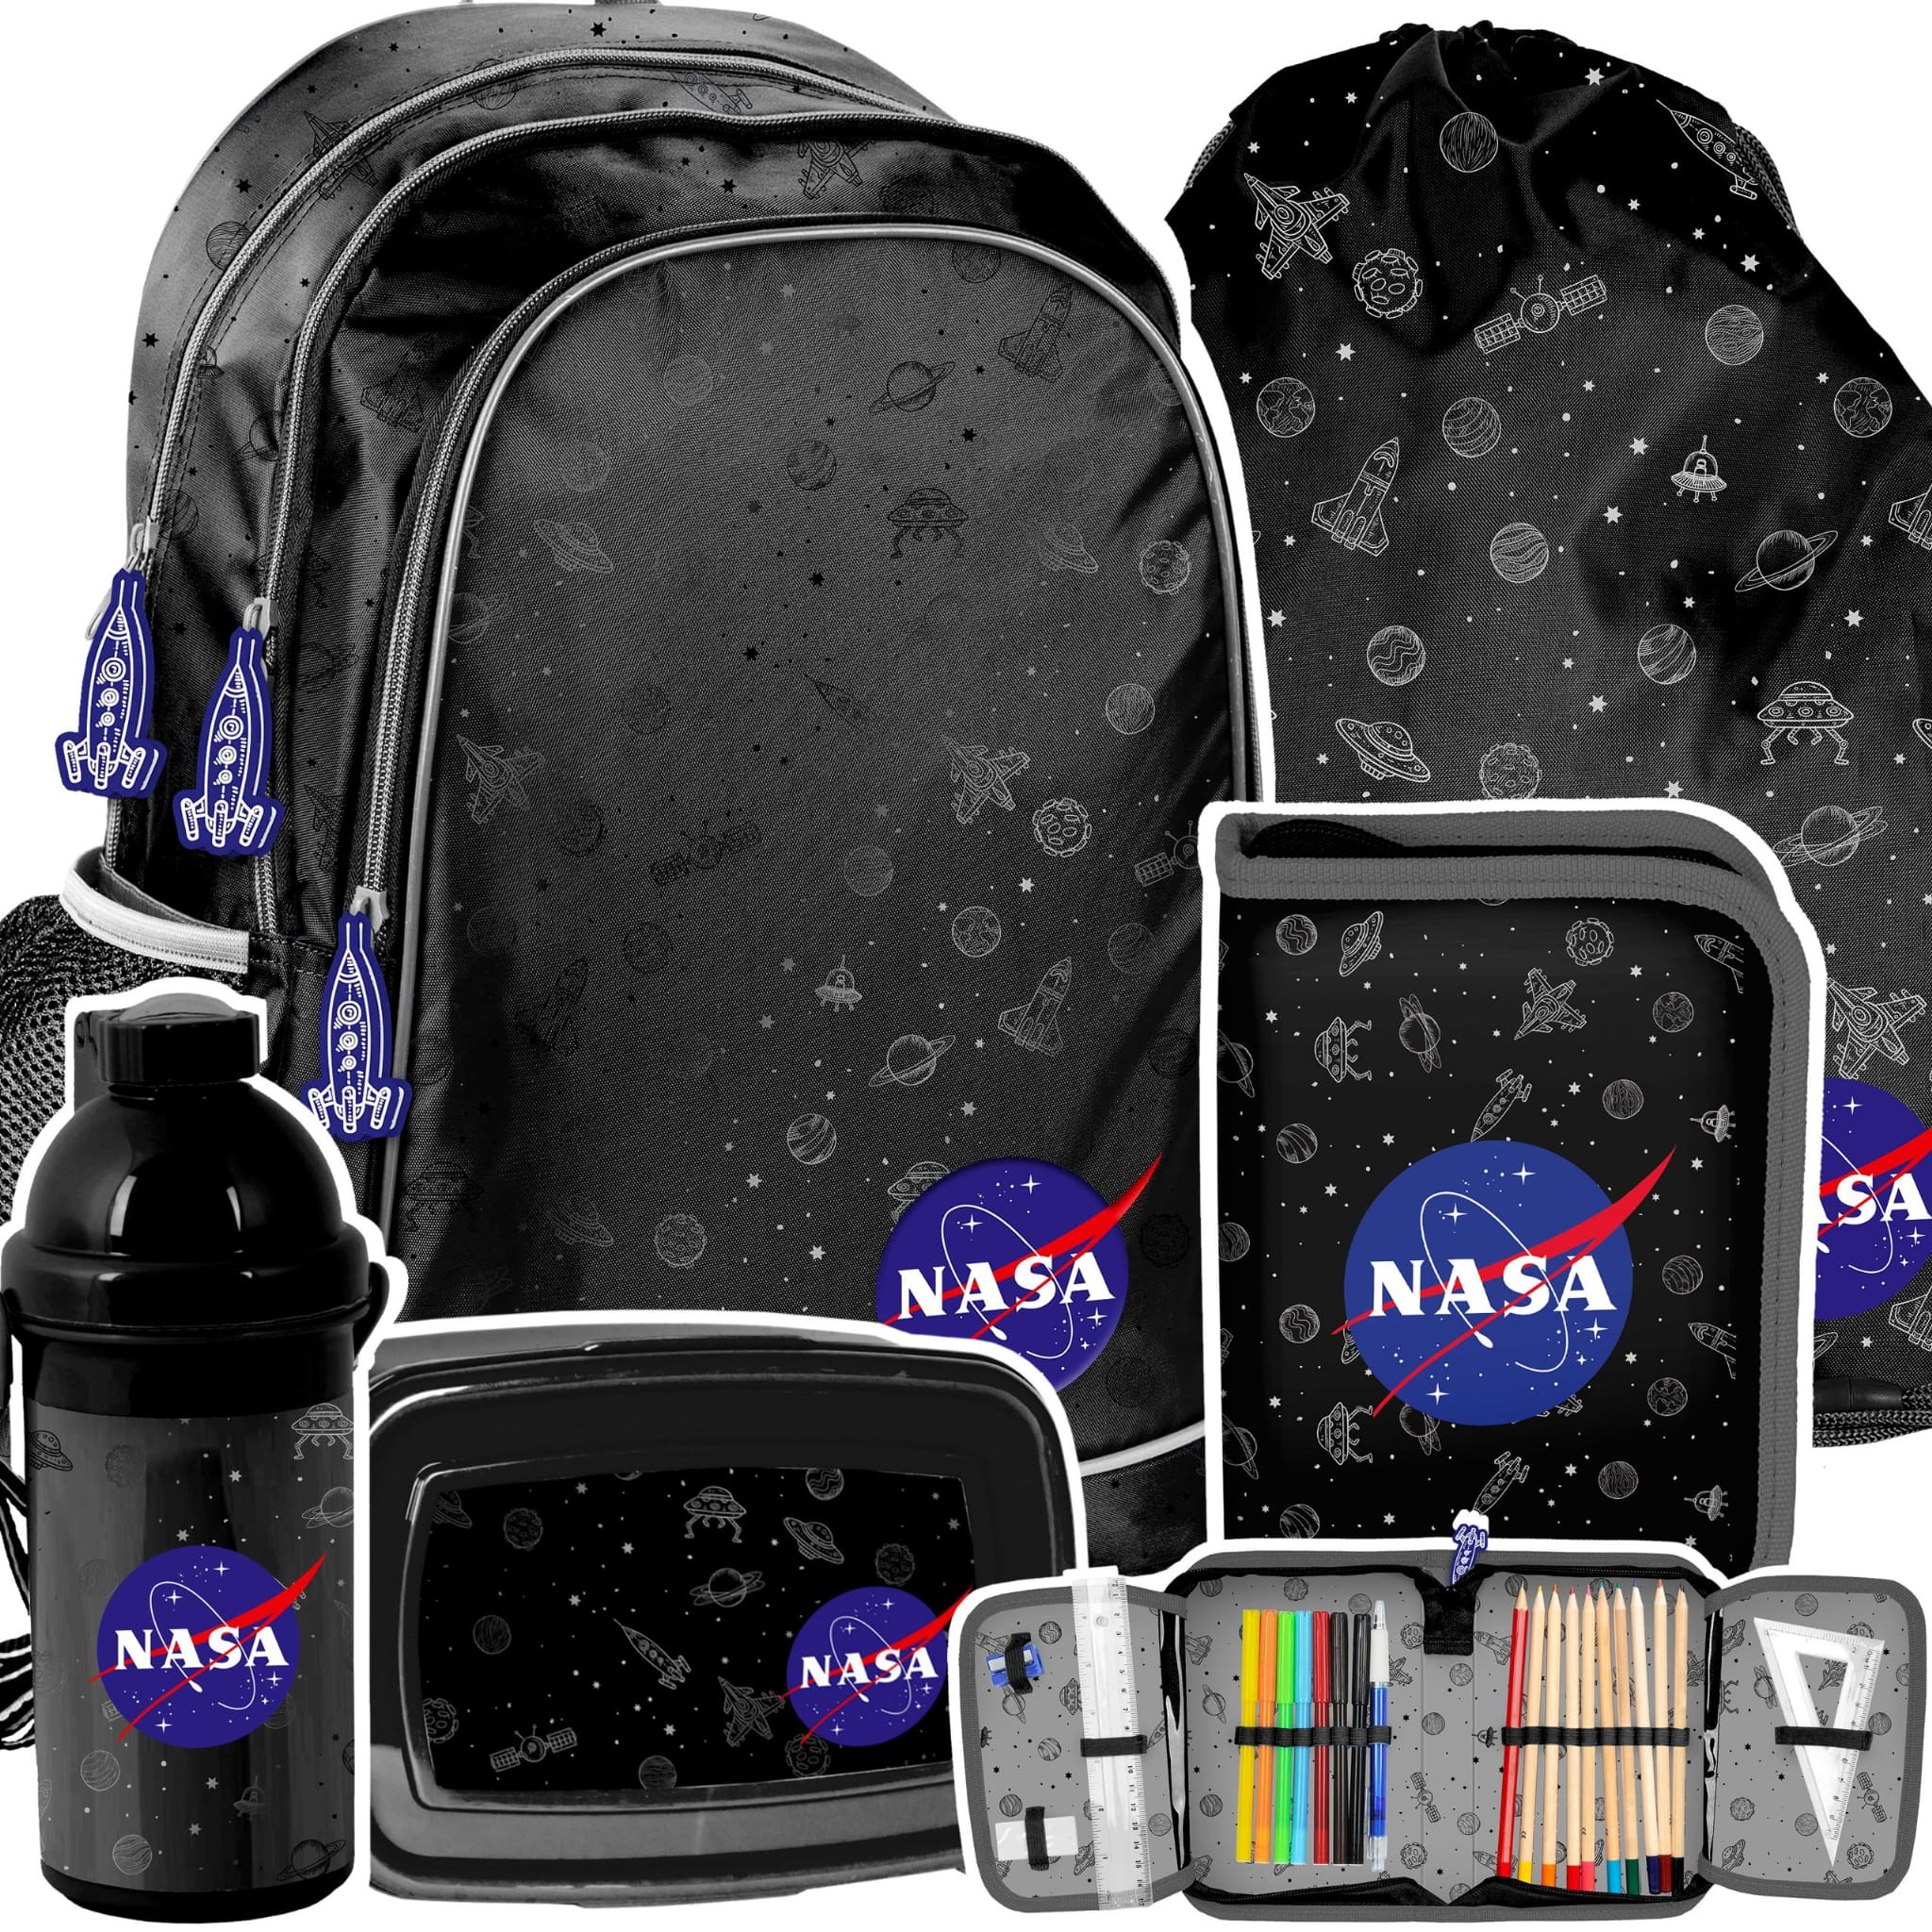 DomTextilu Školský 5-dielny batoh NASA s príslušenstvom 43995